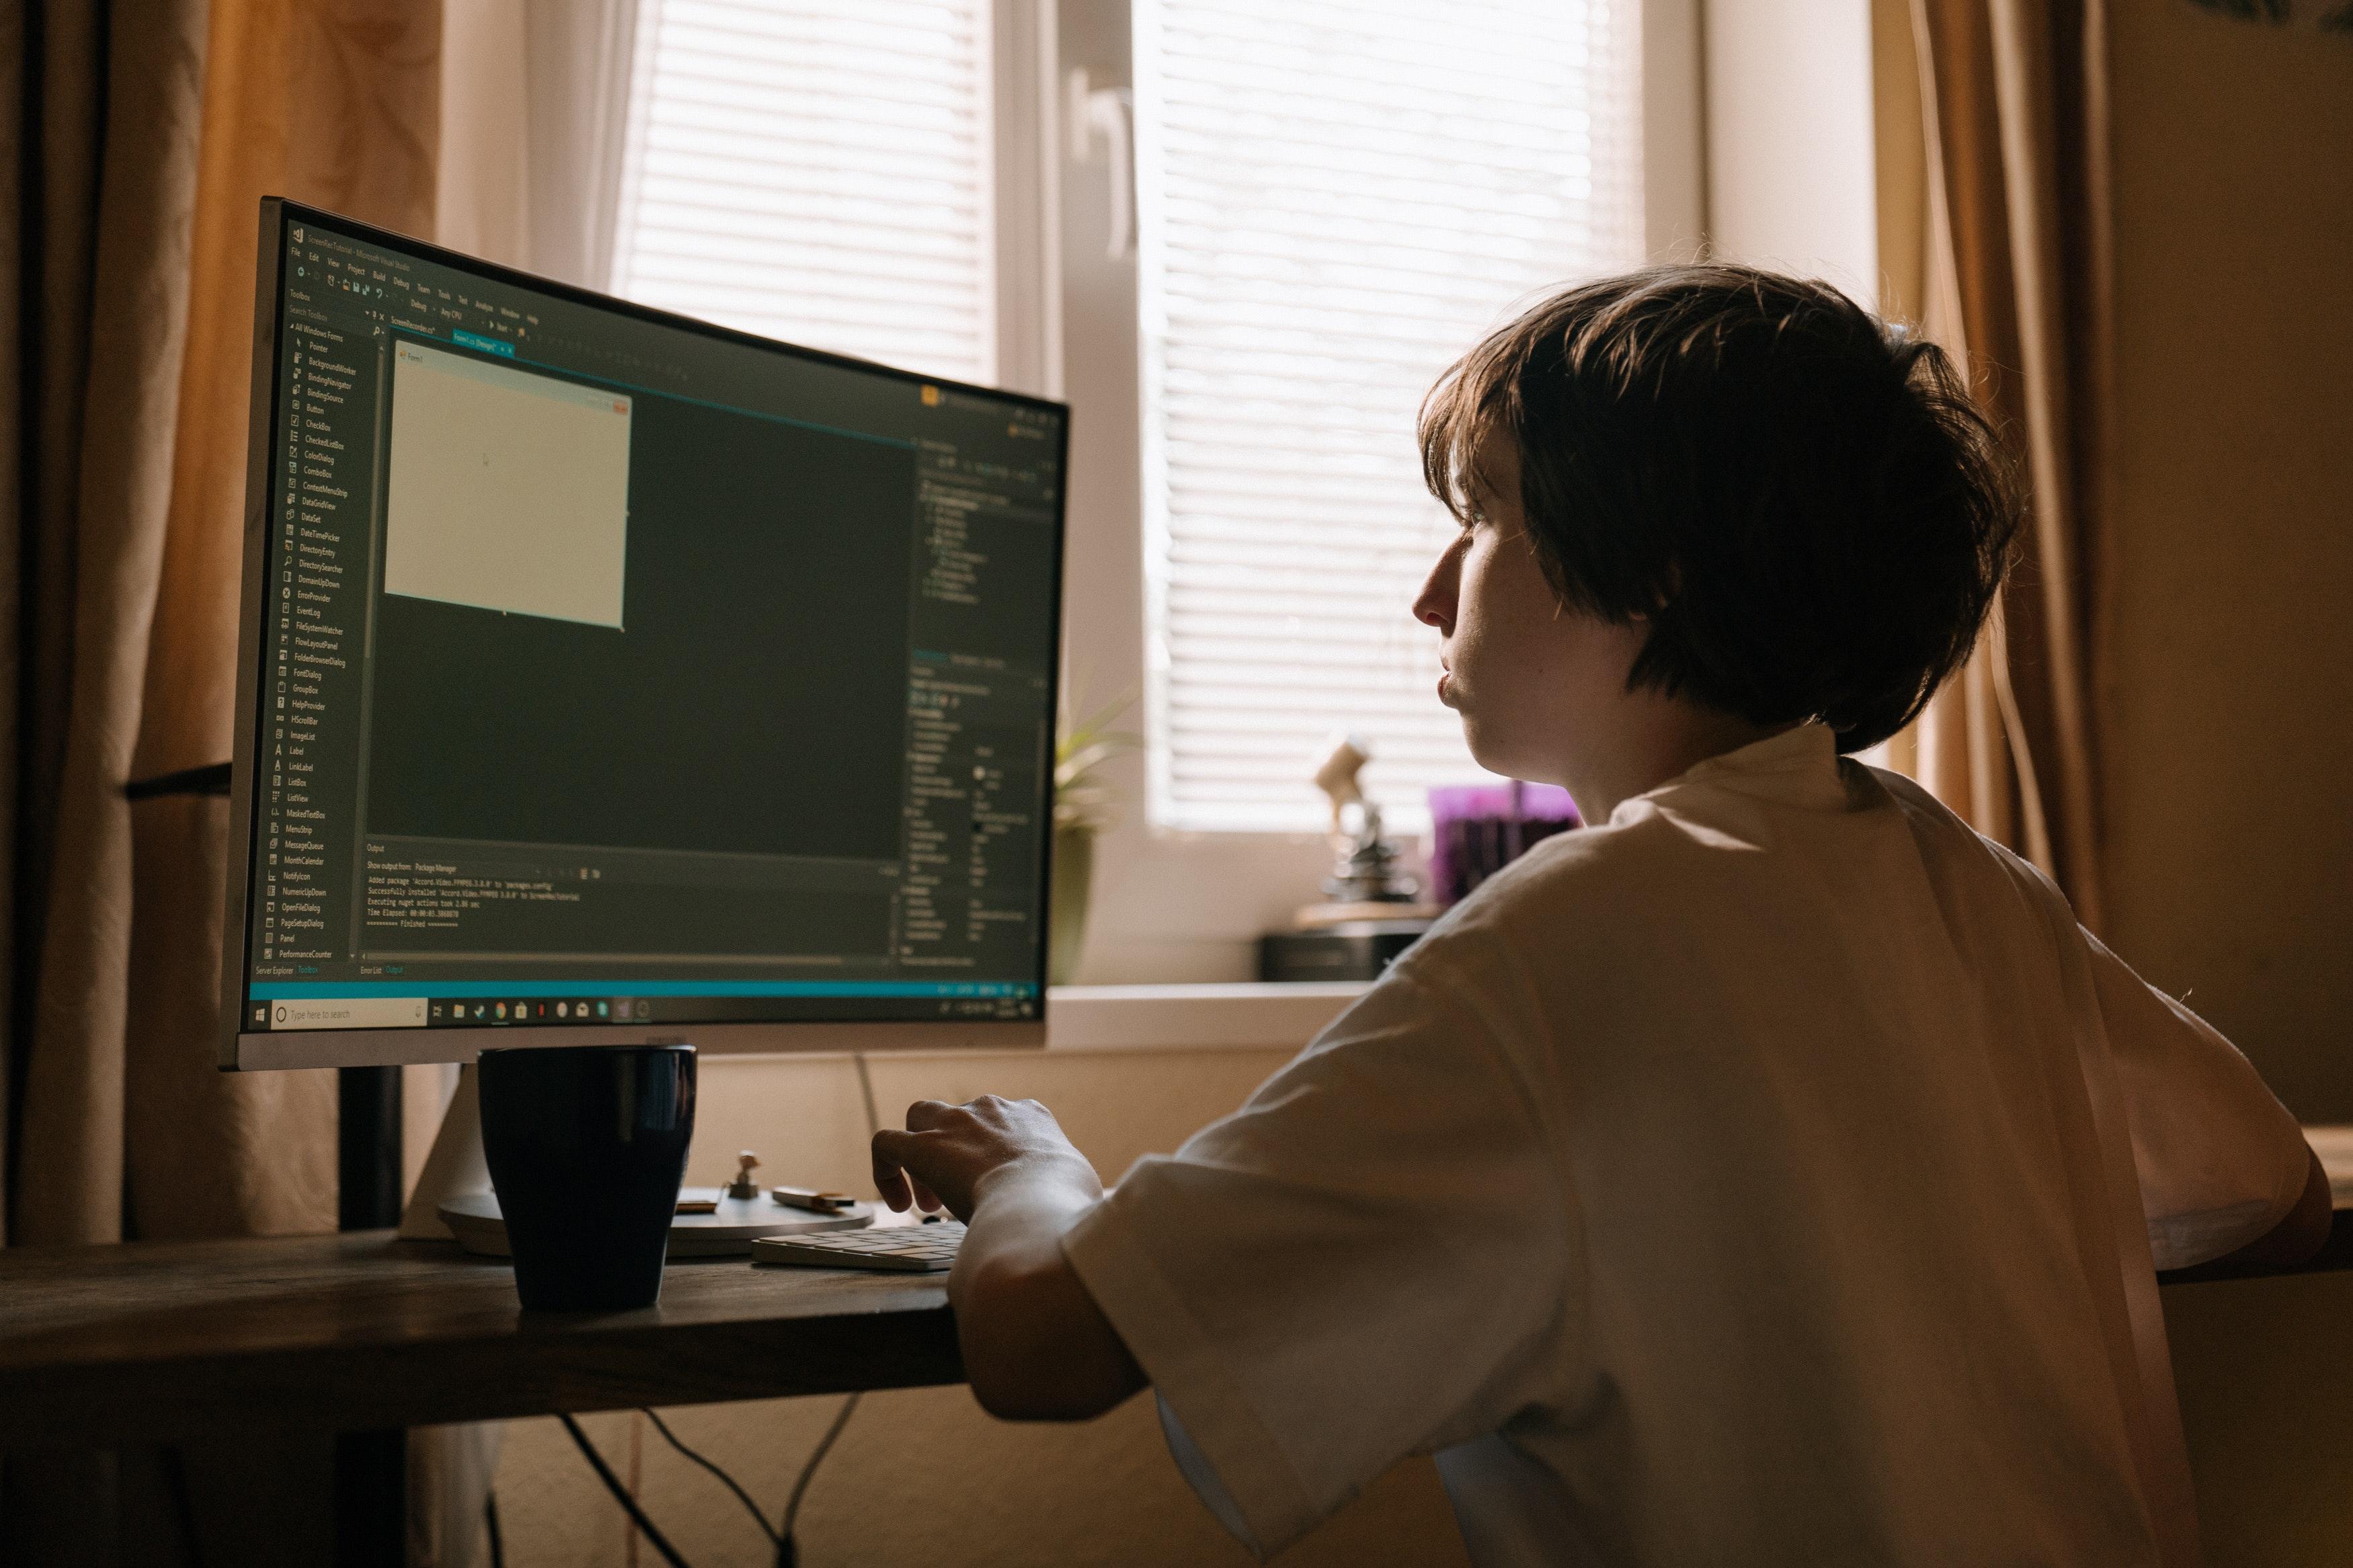 eLearning for children